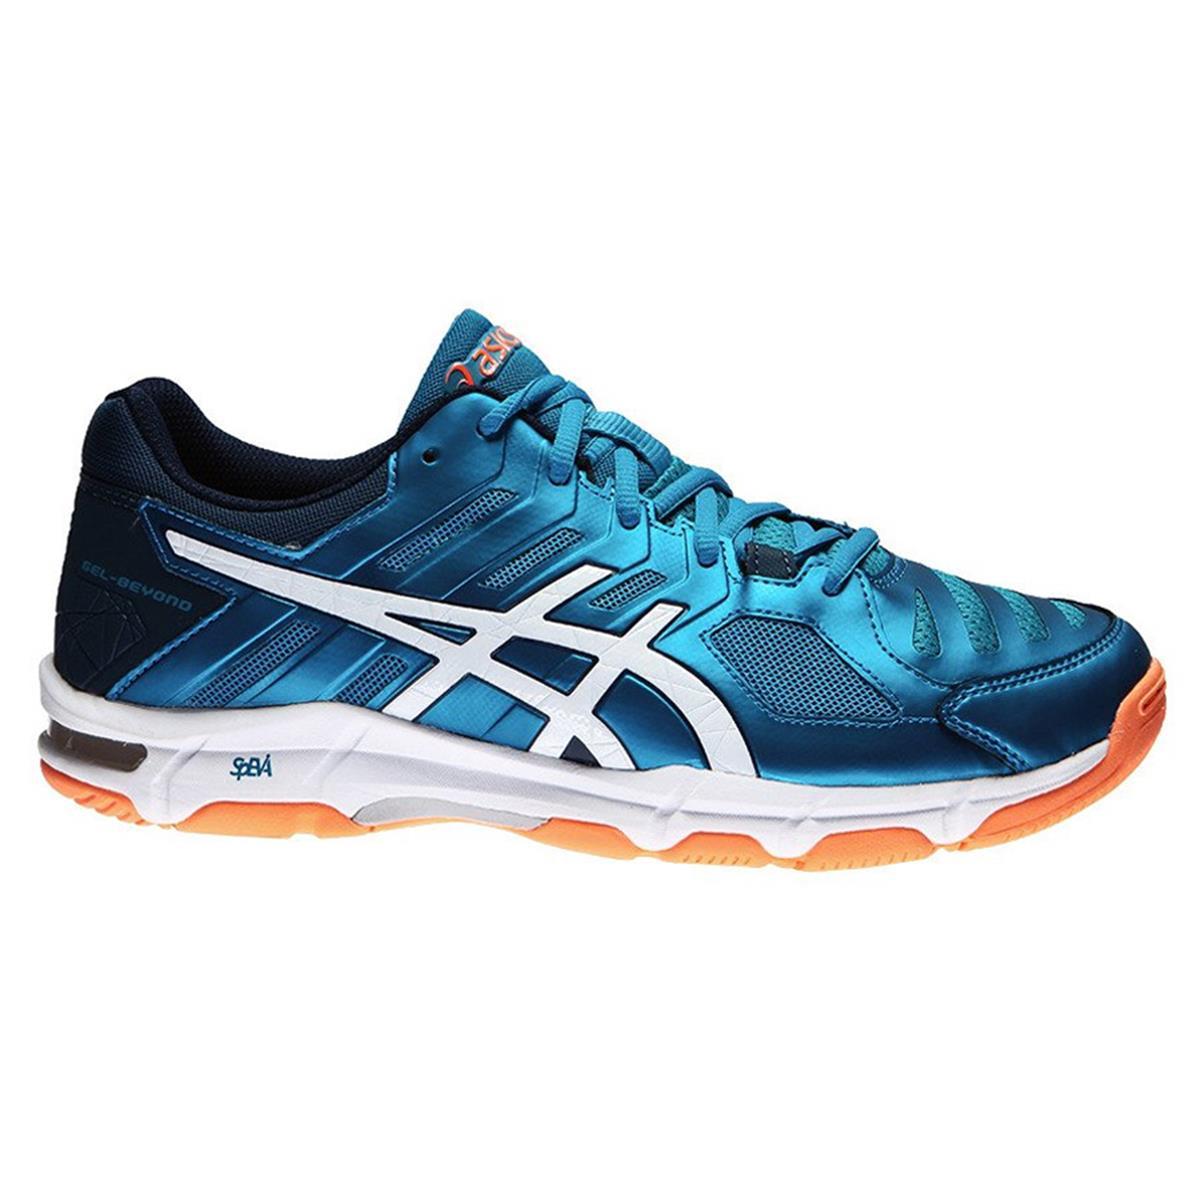 8caf0217729 Asics Gel Beyond 5 Mens Court Shoes (Blue Jewel-White-Hot Orange ...